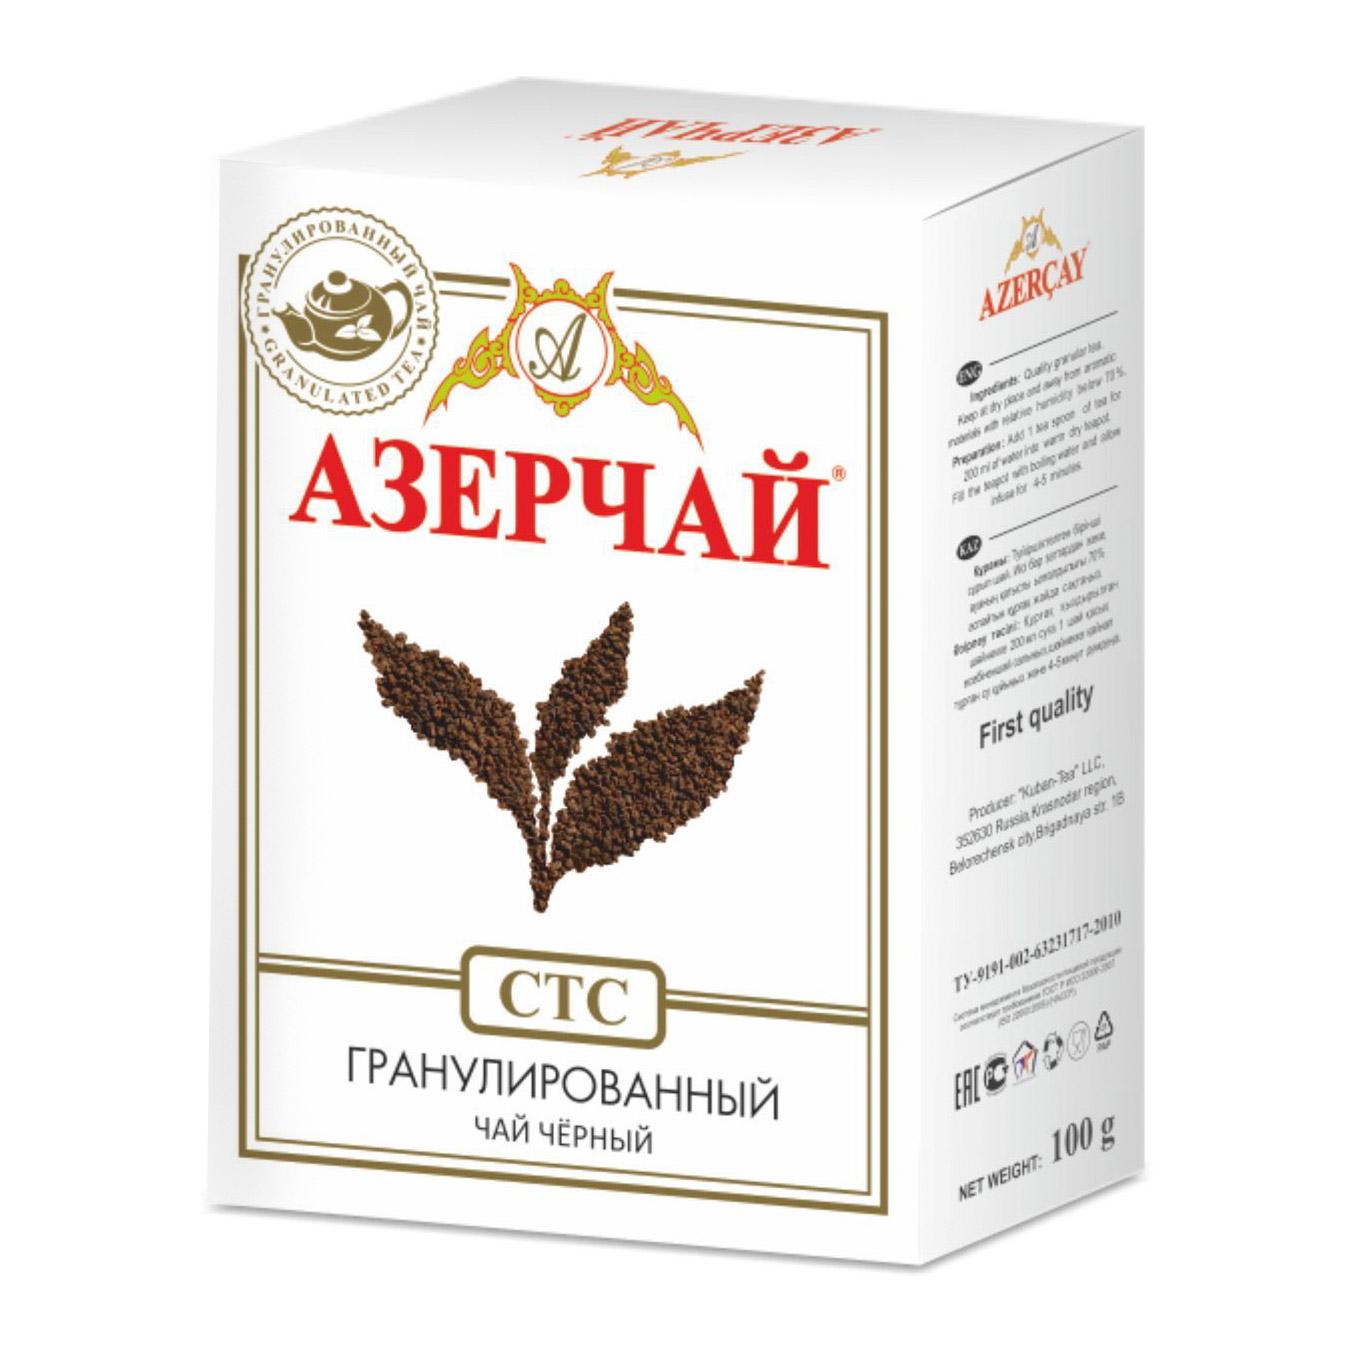 Фото - Чай Азерчай СТС черный гранулированный 100 г чай черный азерчай специальный с белым узором 200 г